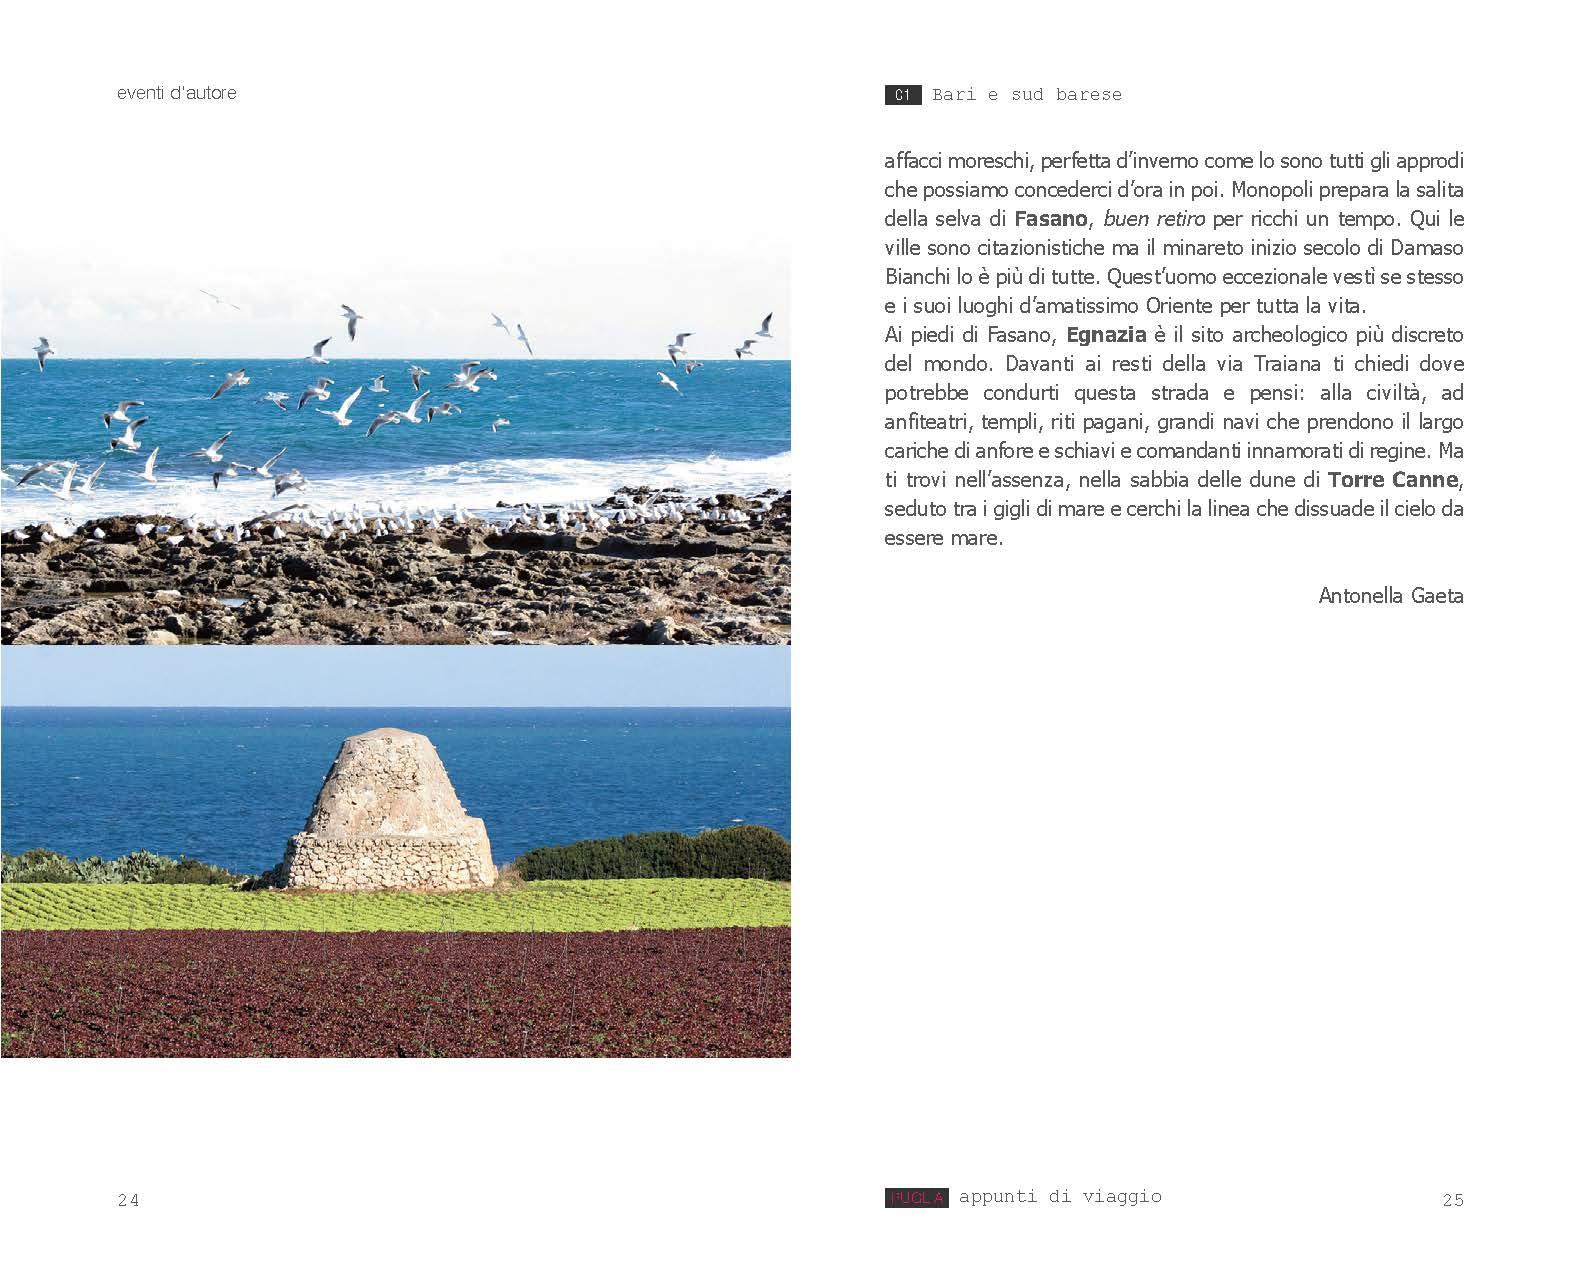 puglia_appunti_di_viaggio_Pagina_25.jpg